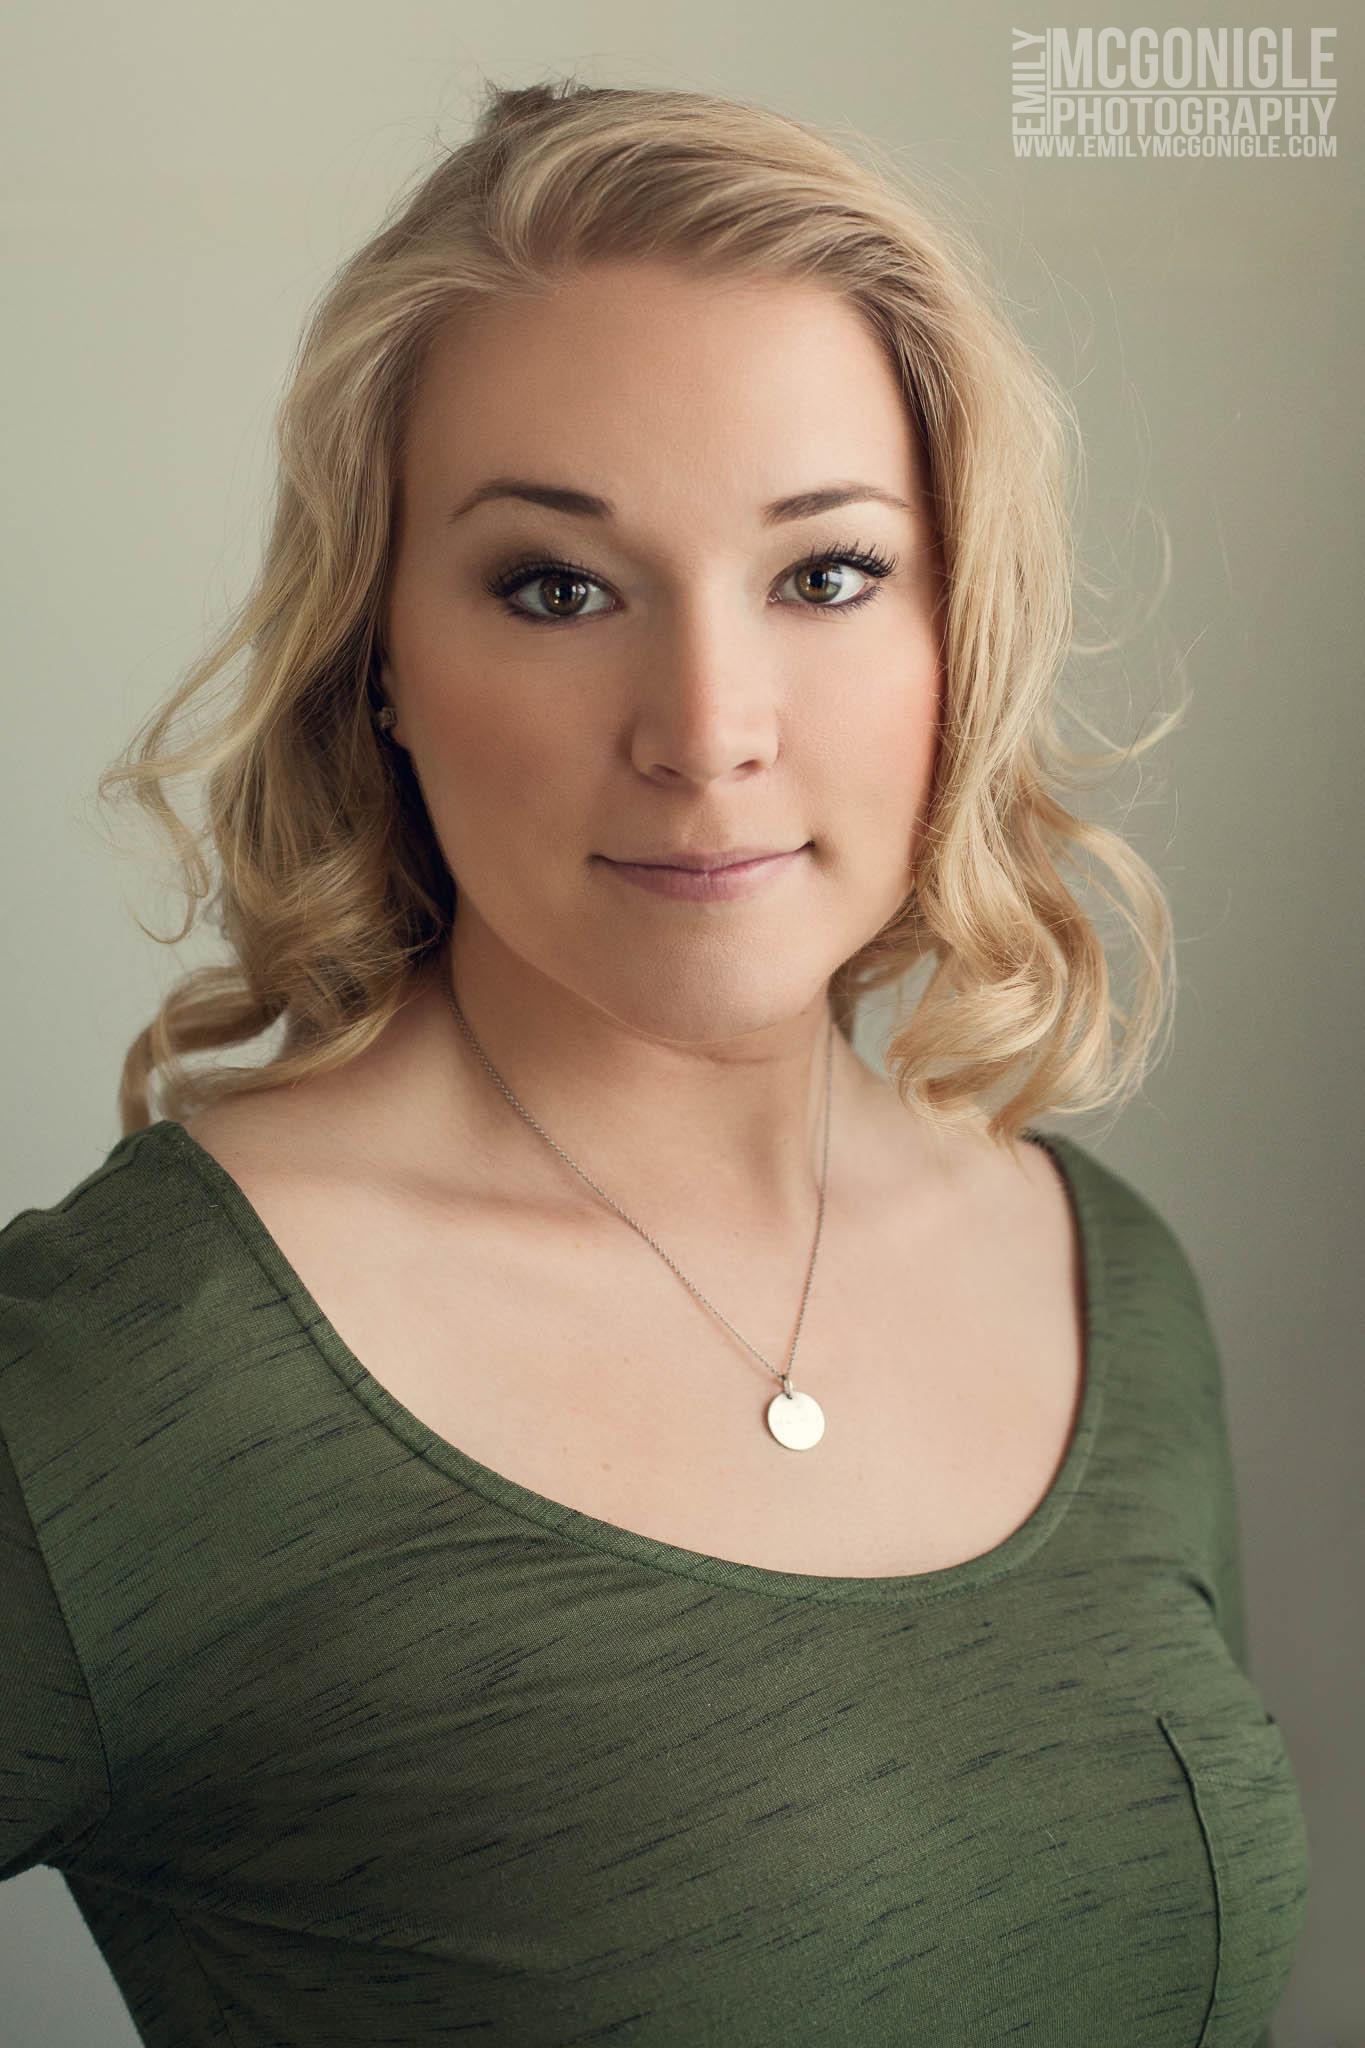 portrait of blond woman wearing green top